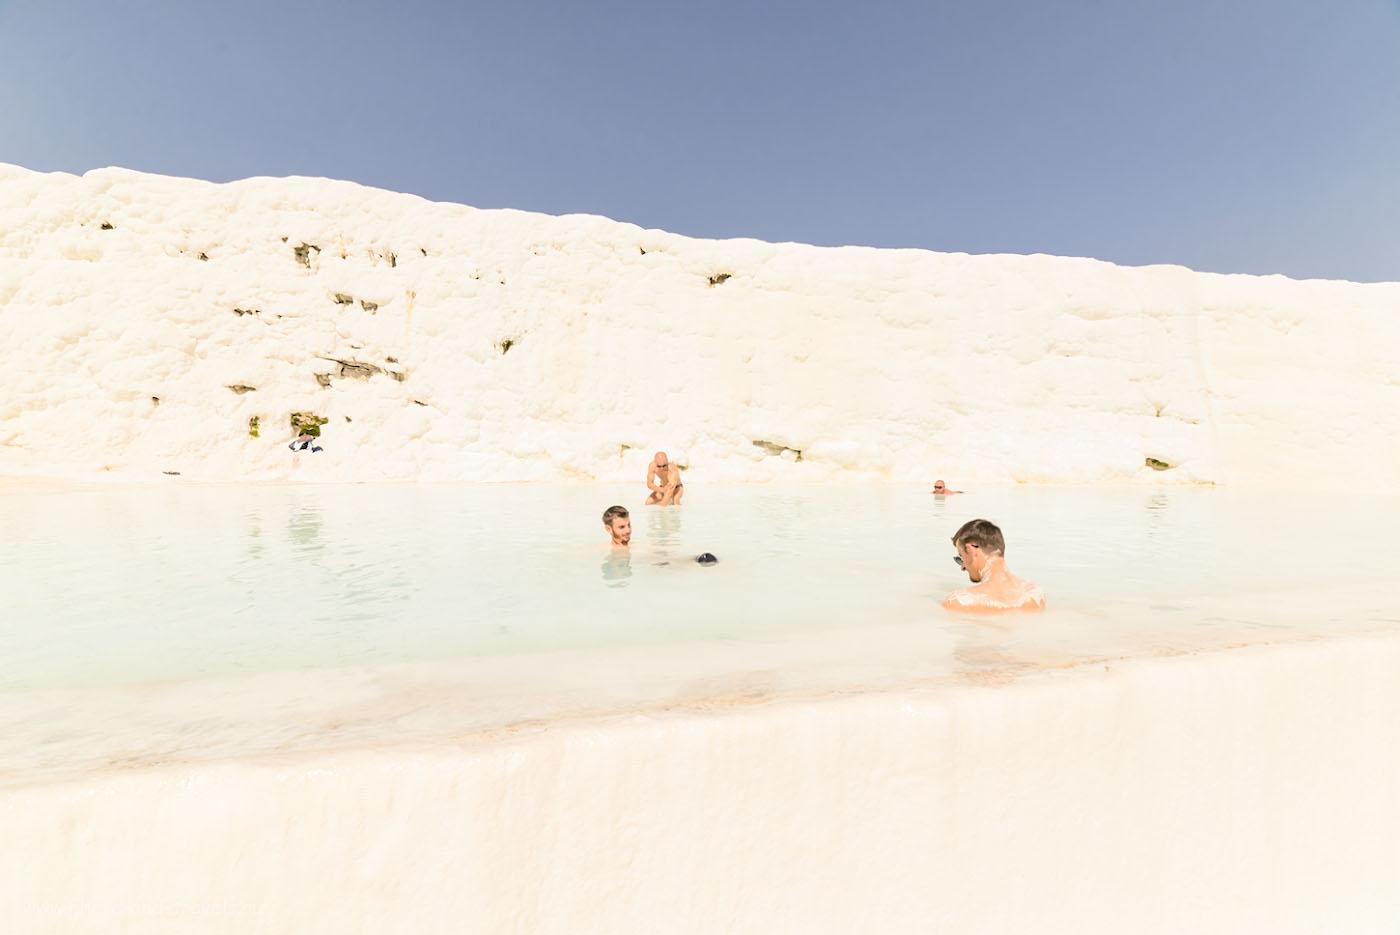 Фото11. Прием ванн с минеральной водой в искусственном травертине в Памуккале. Отчет о поездке по Турции на авто.